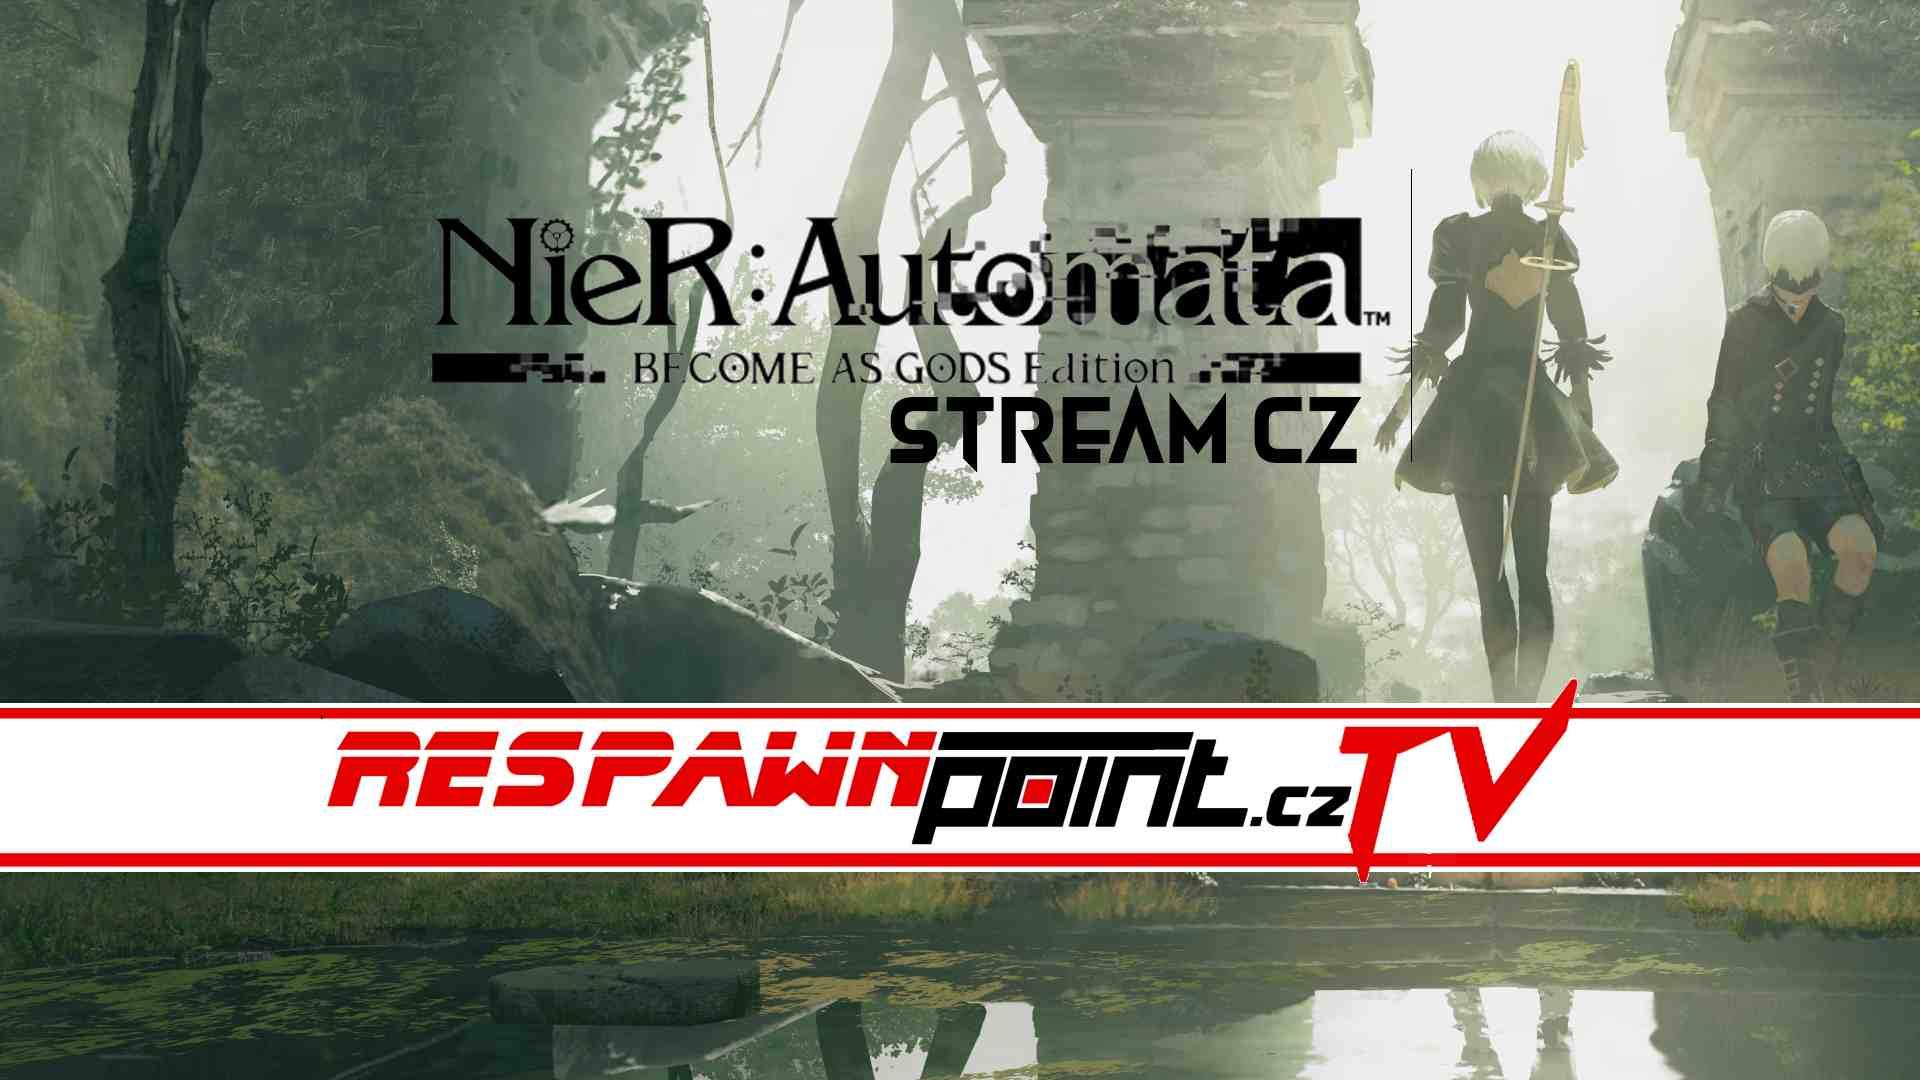 NieR Automata: Become as Gods Edition – Stream CZ